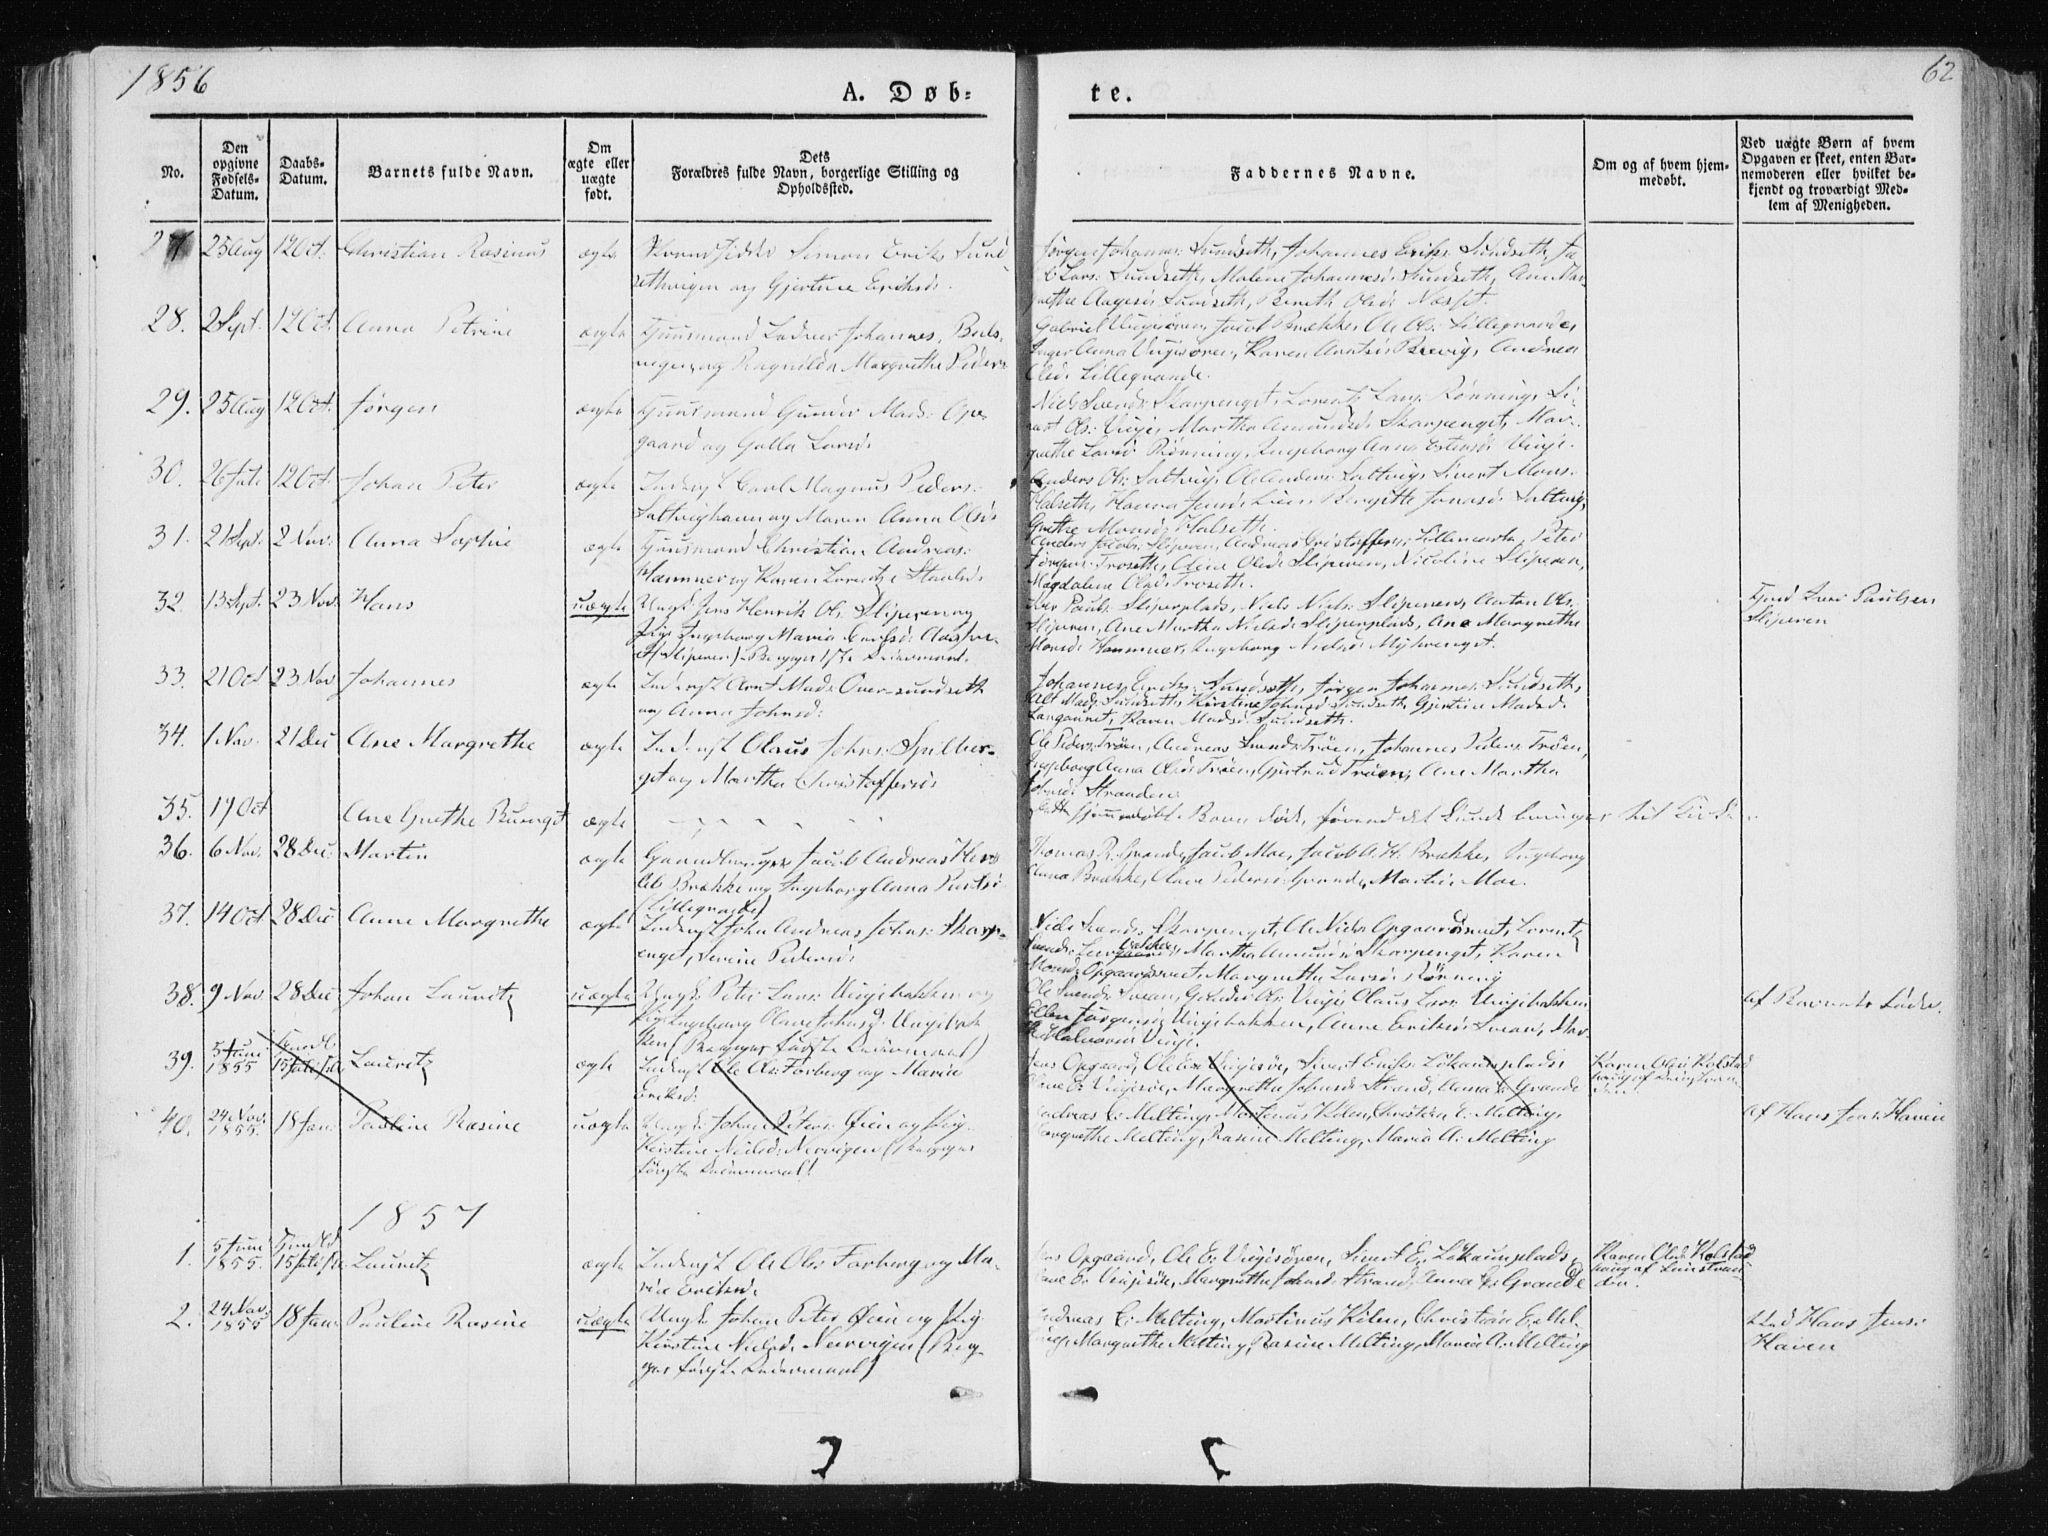 SAT, Ministerialprotokoller, klokkerbøker og fødselsregistre - Nord-Trøndelag, 733/L0323: Parish register (official) no. 733A02, 1843-1870, p. 62